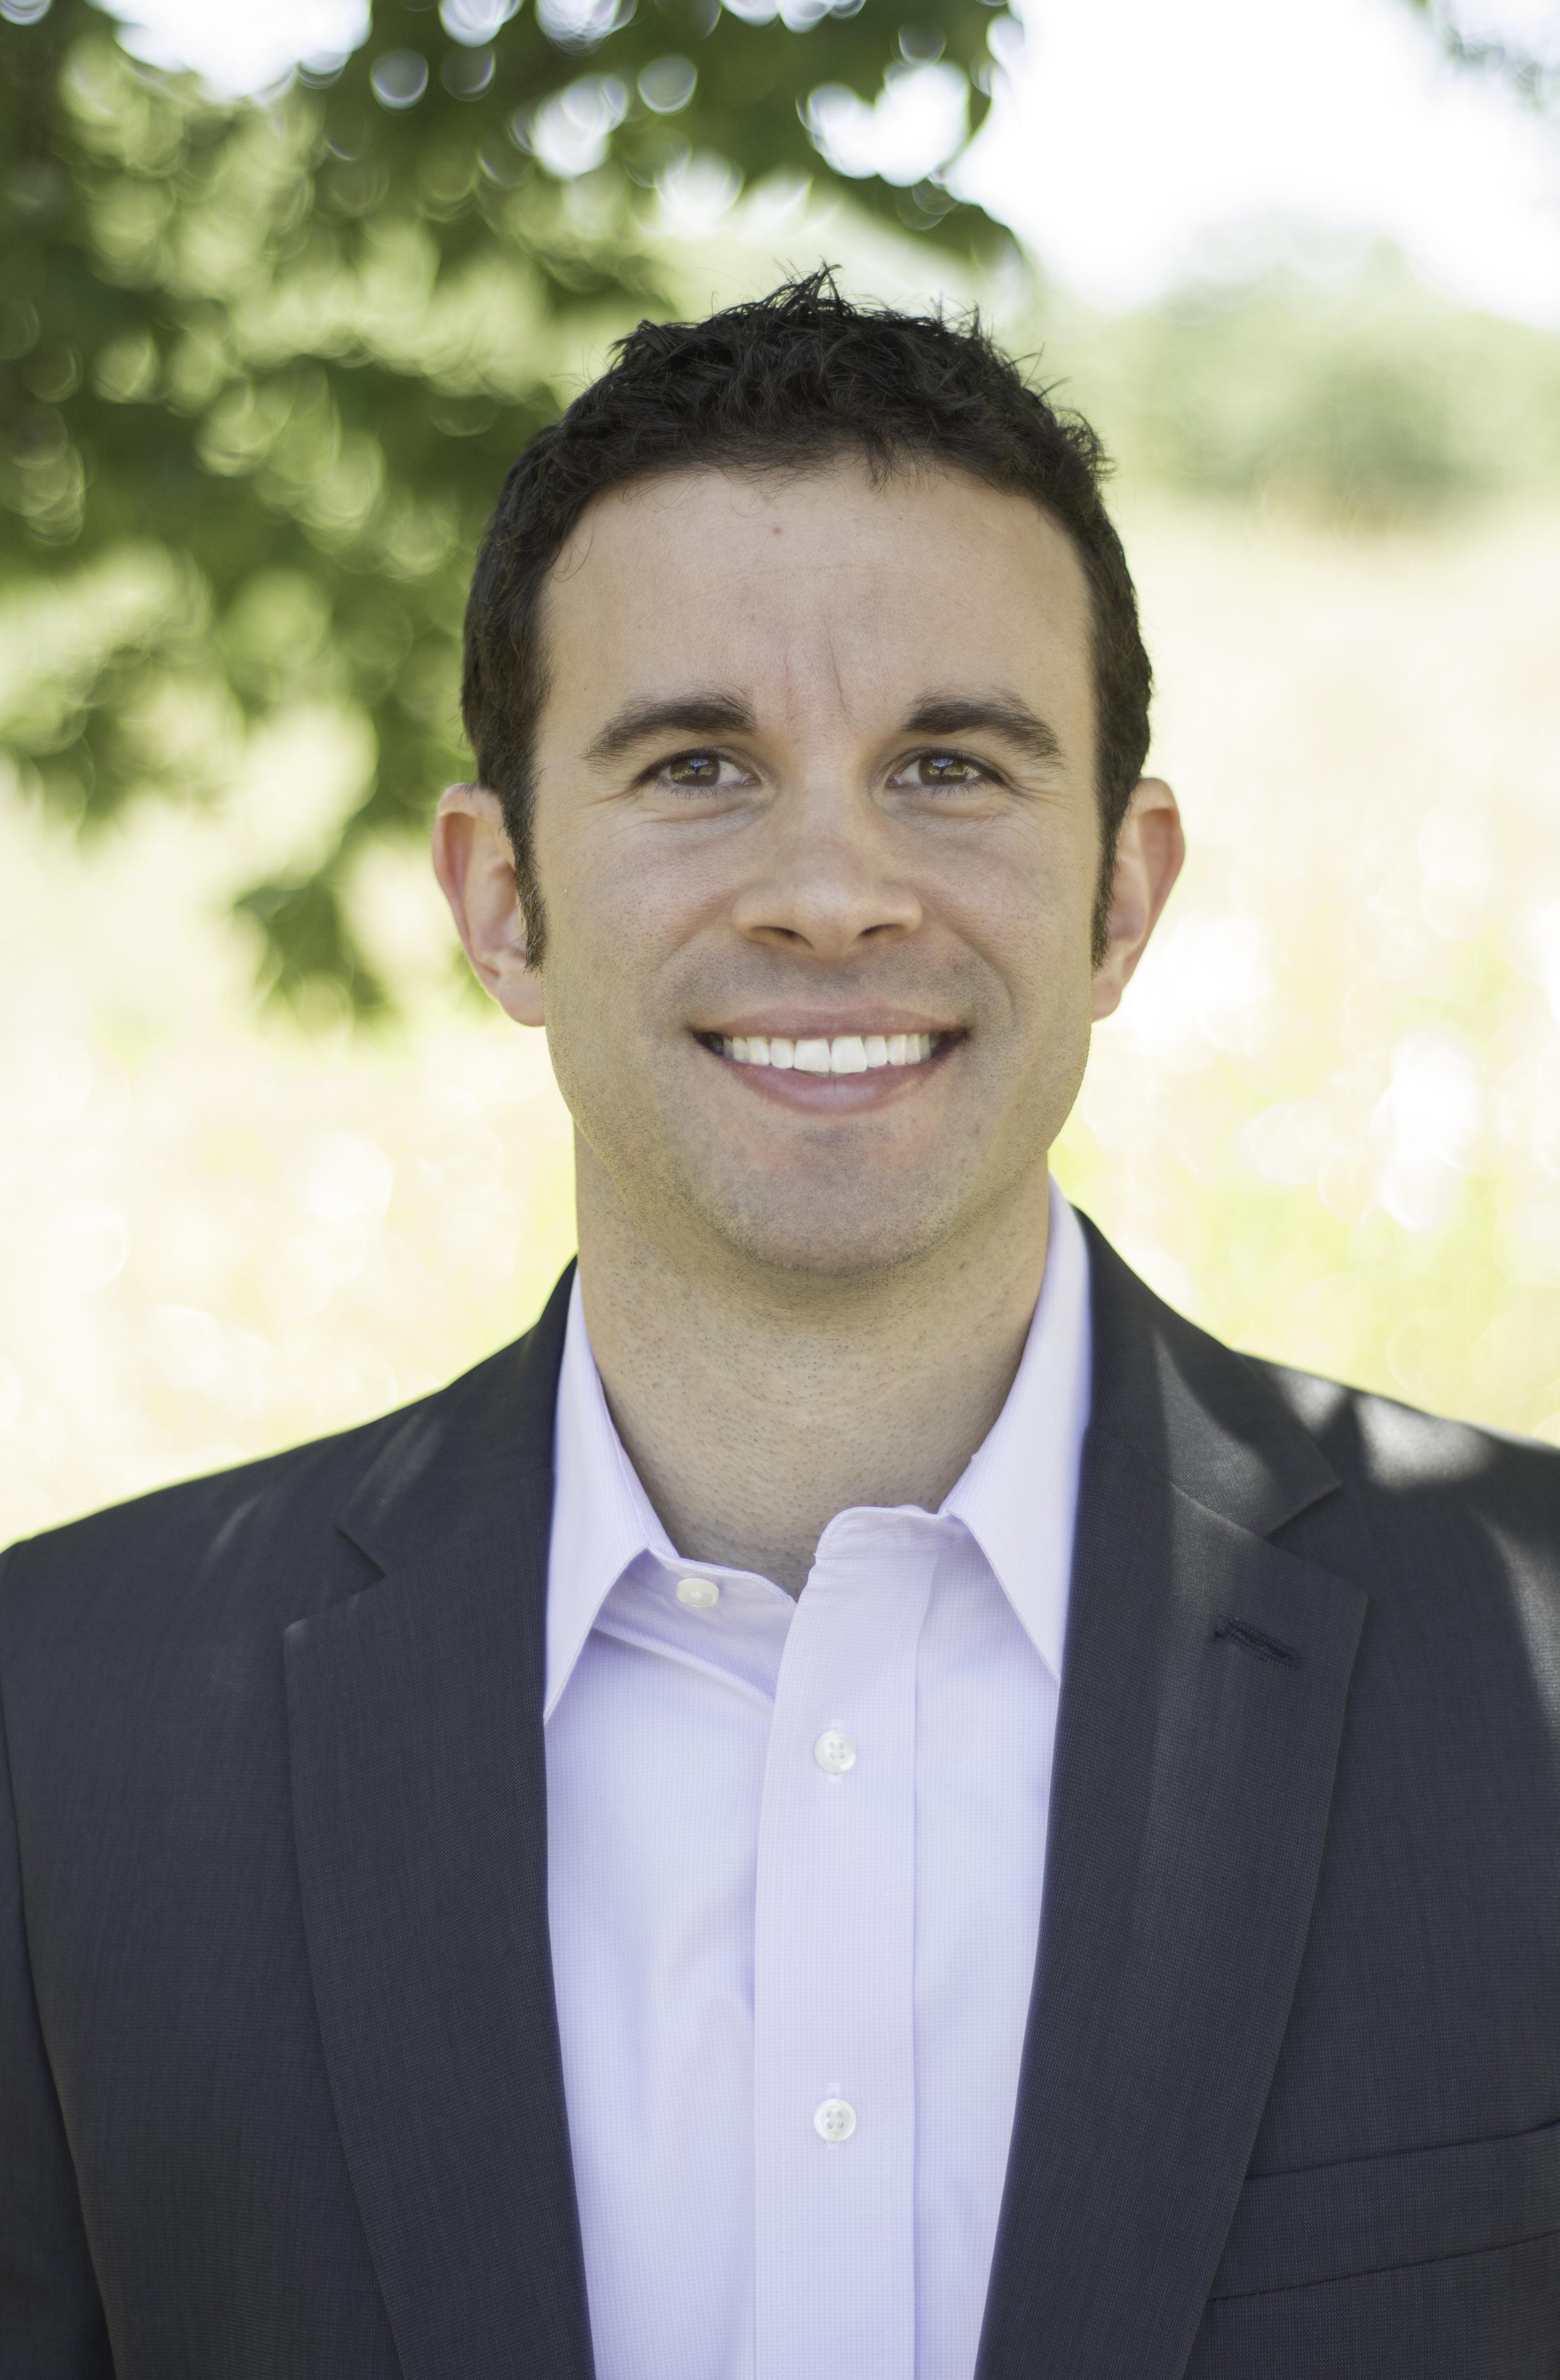 Matt Hemberger